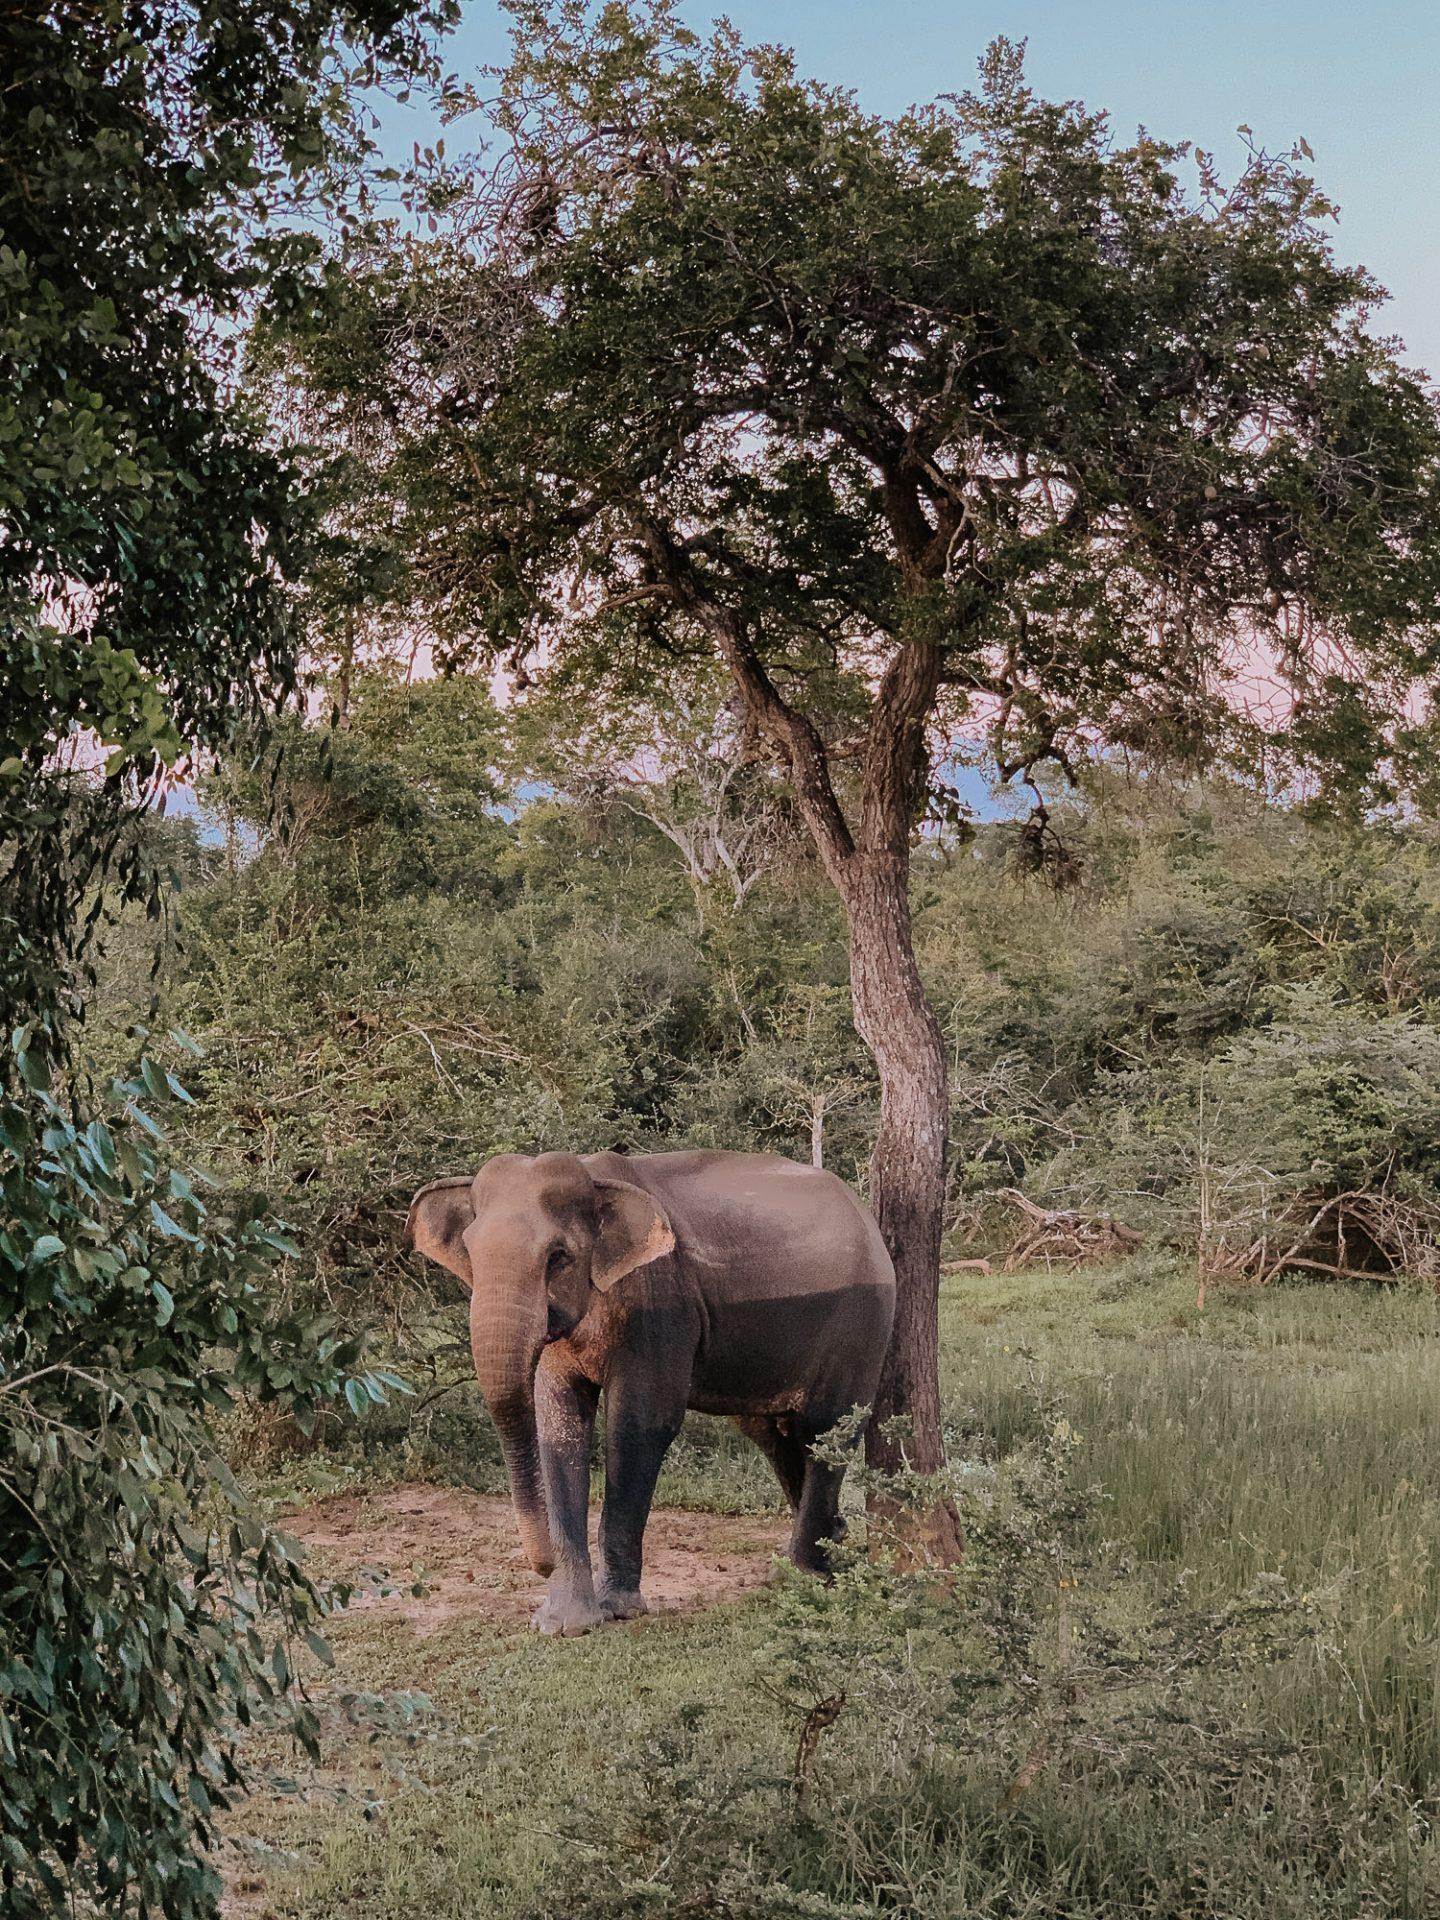 Elephant in Yala National Park Sri Lanka